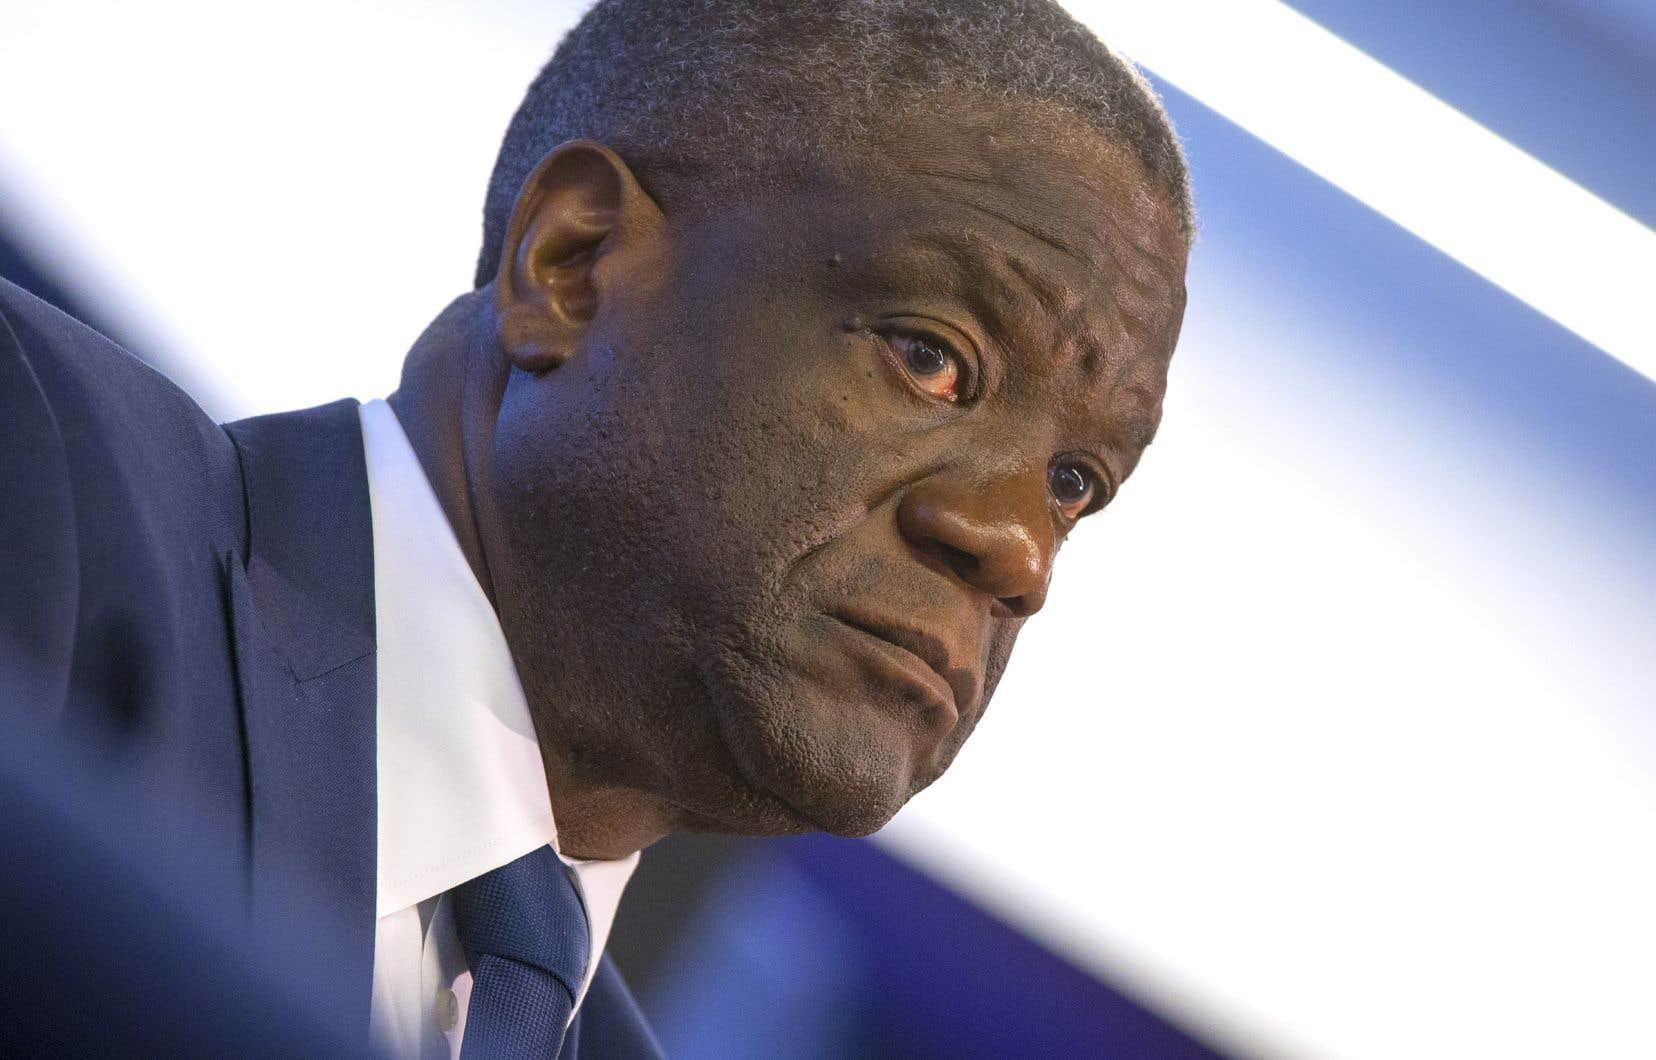 Malgré toutes ces années passées à soigner ces femmes «dont les corps ont été utilisés comme champs de bataille», l'horreur des guerres et des conflits armés n'est pas encore derrière nous, souligne le Dr Denis Mukwege.